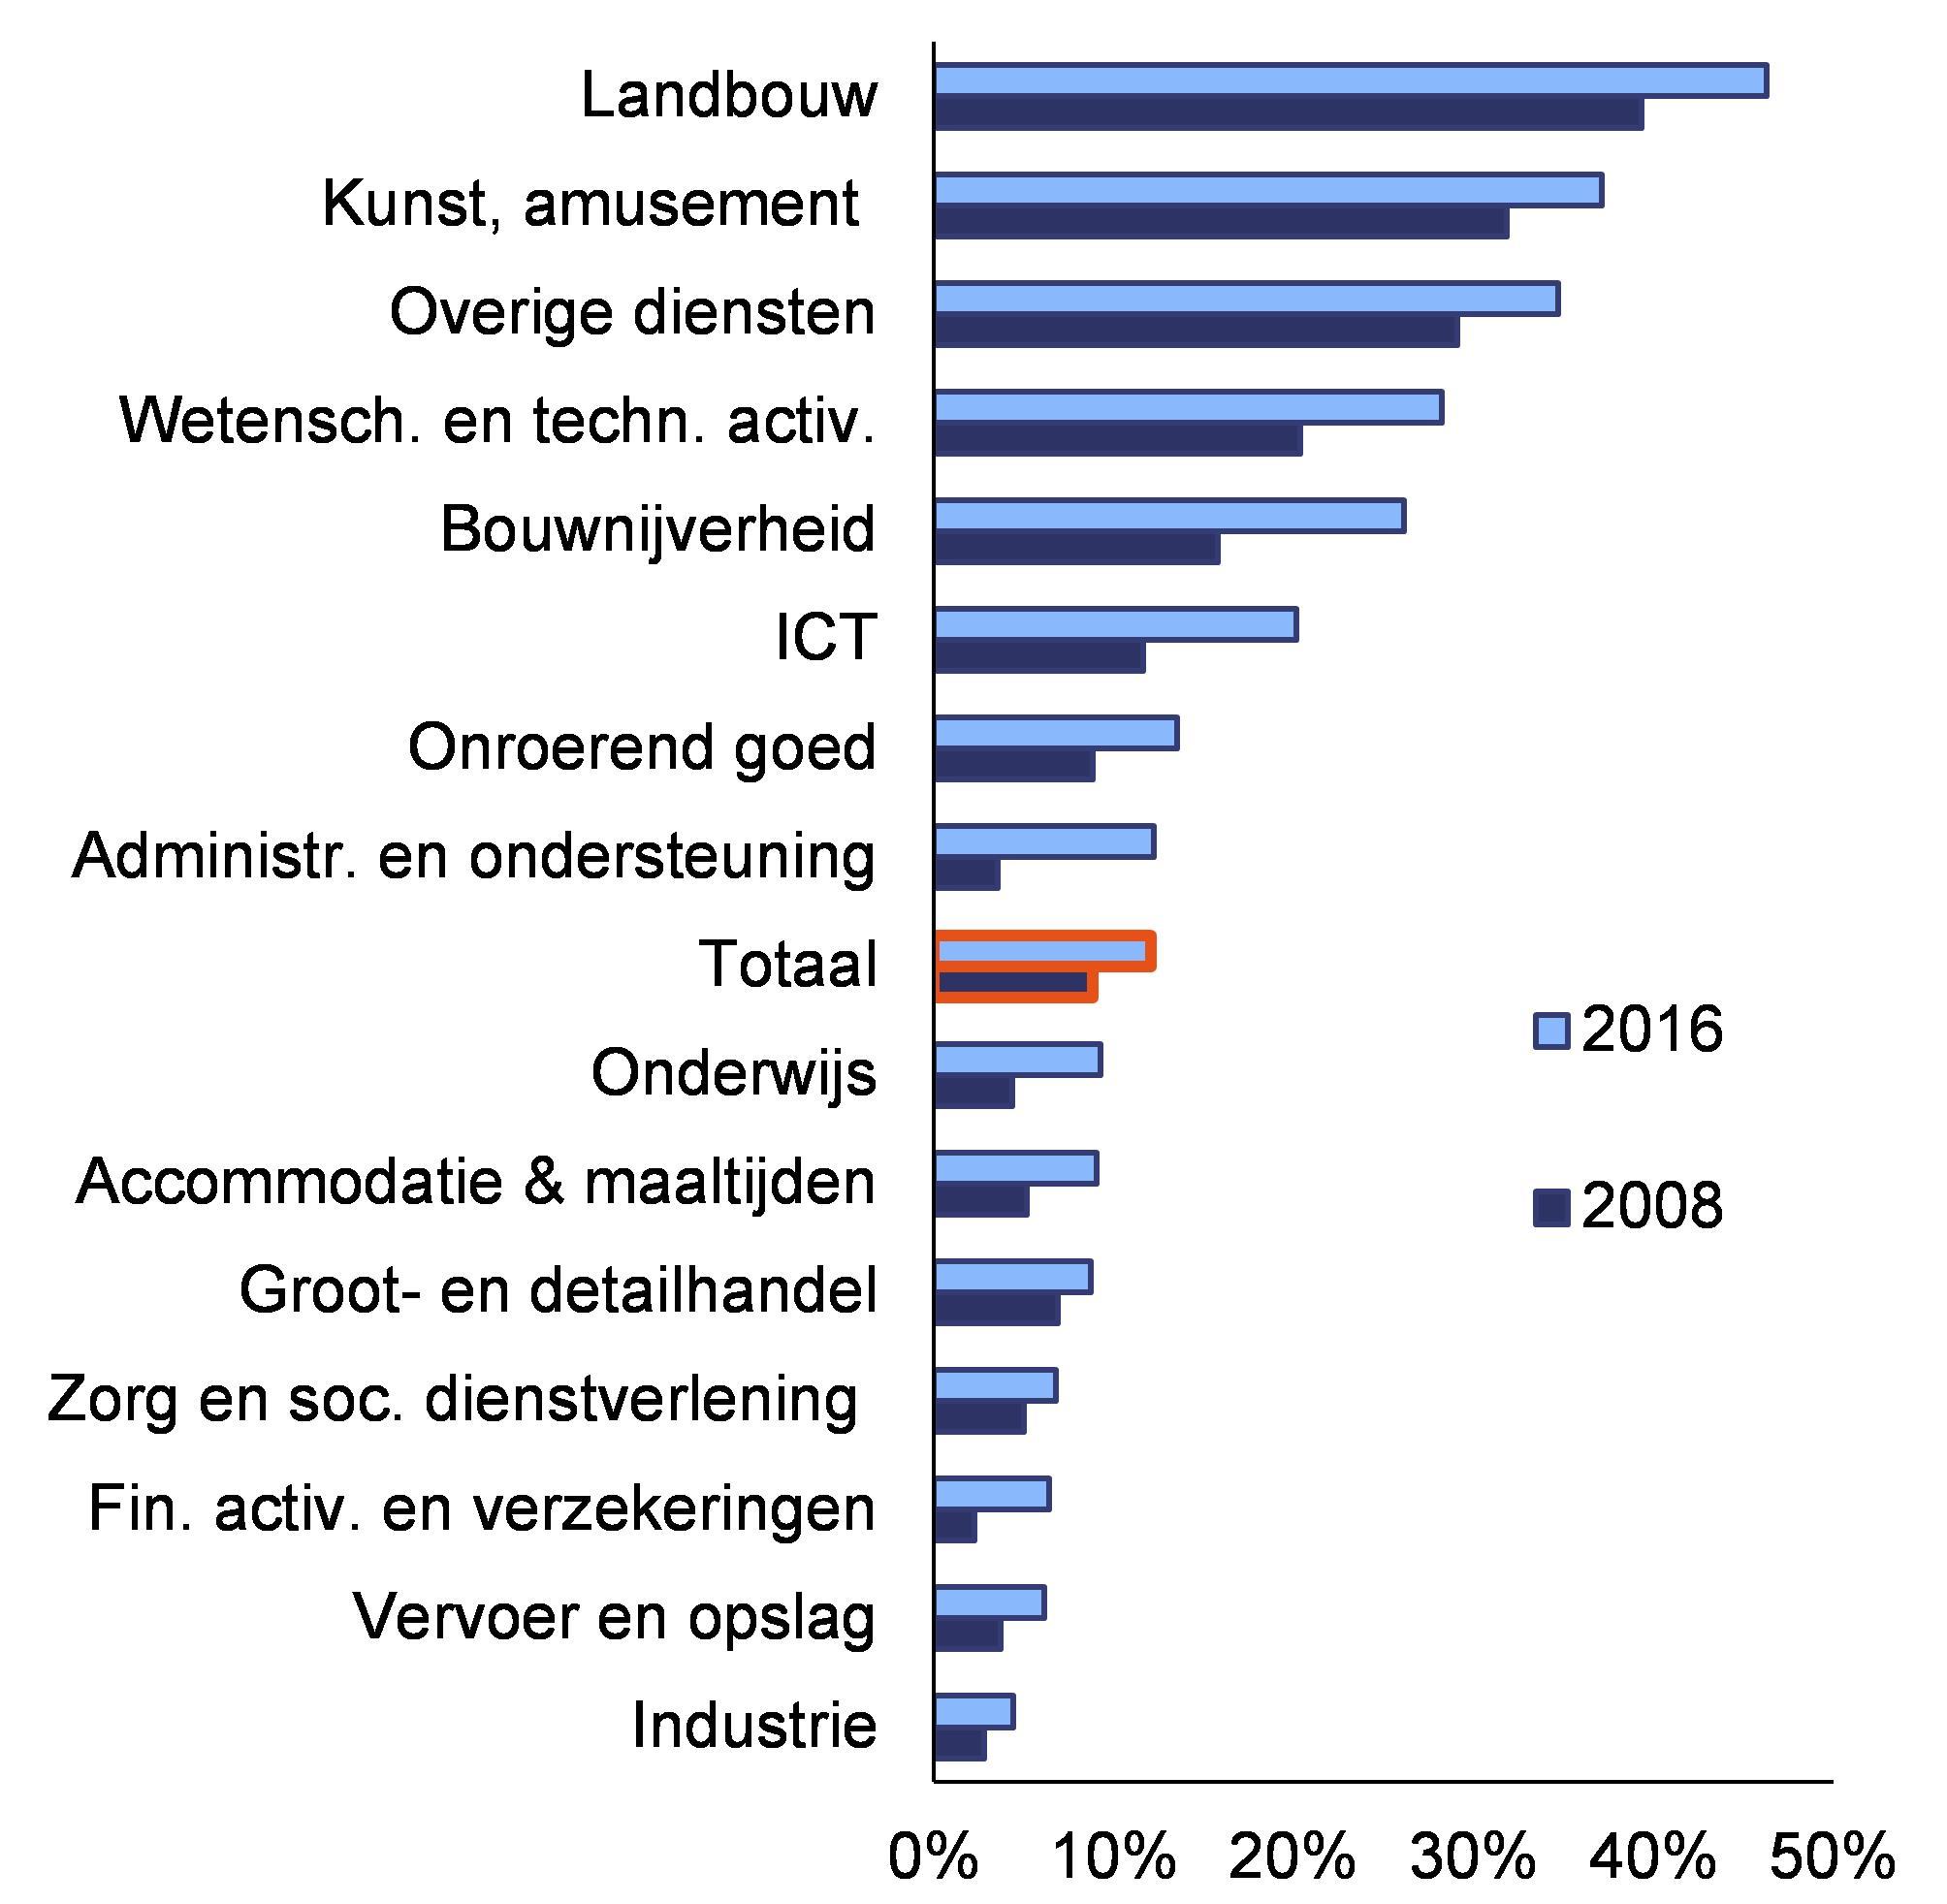 Grafiek 4.3.6:Zelfstandigen per bedrijfstak ( % van totale werkgelegenheid  in de bedrijfstak)